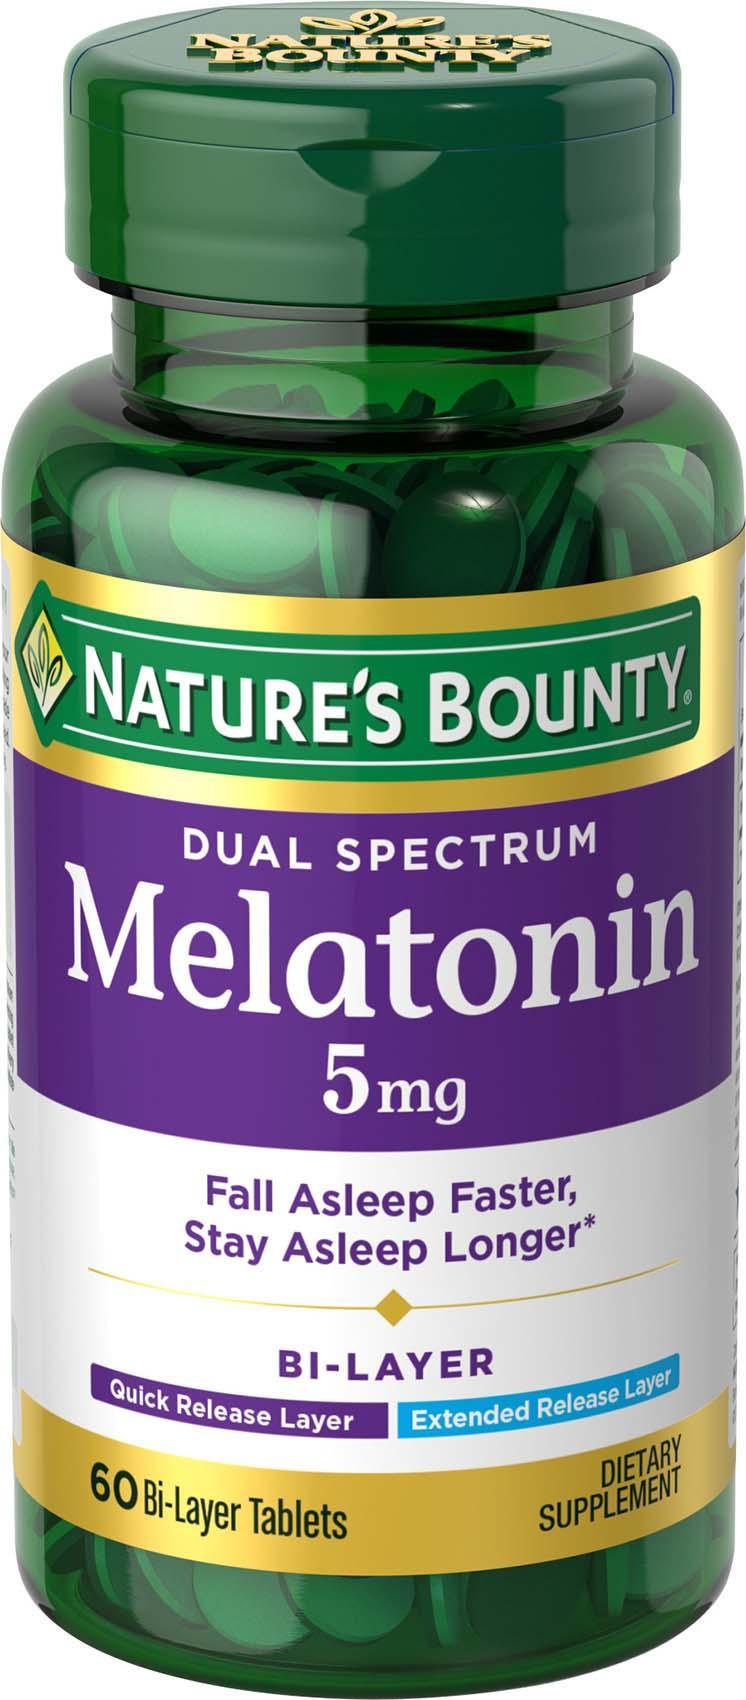 Dual Spectrum Melatonin Reviews